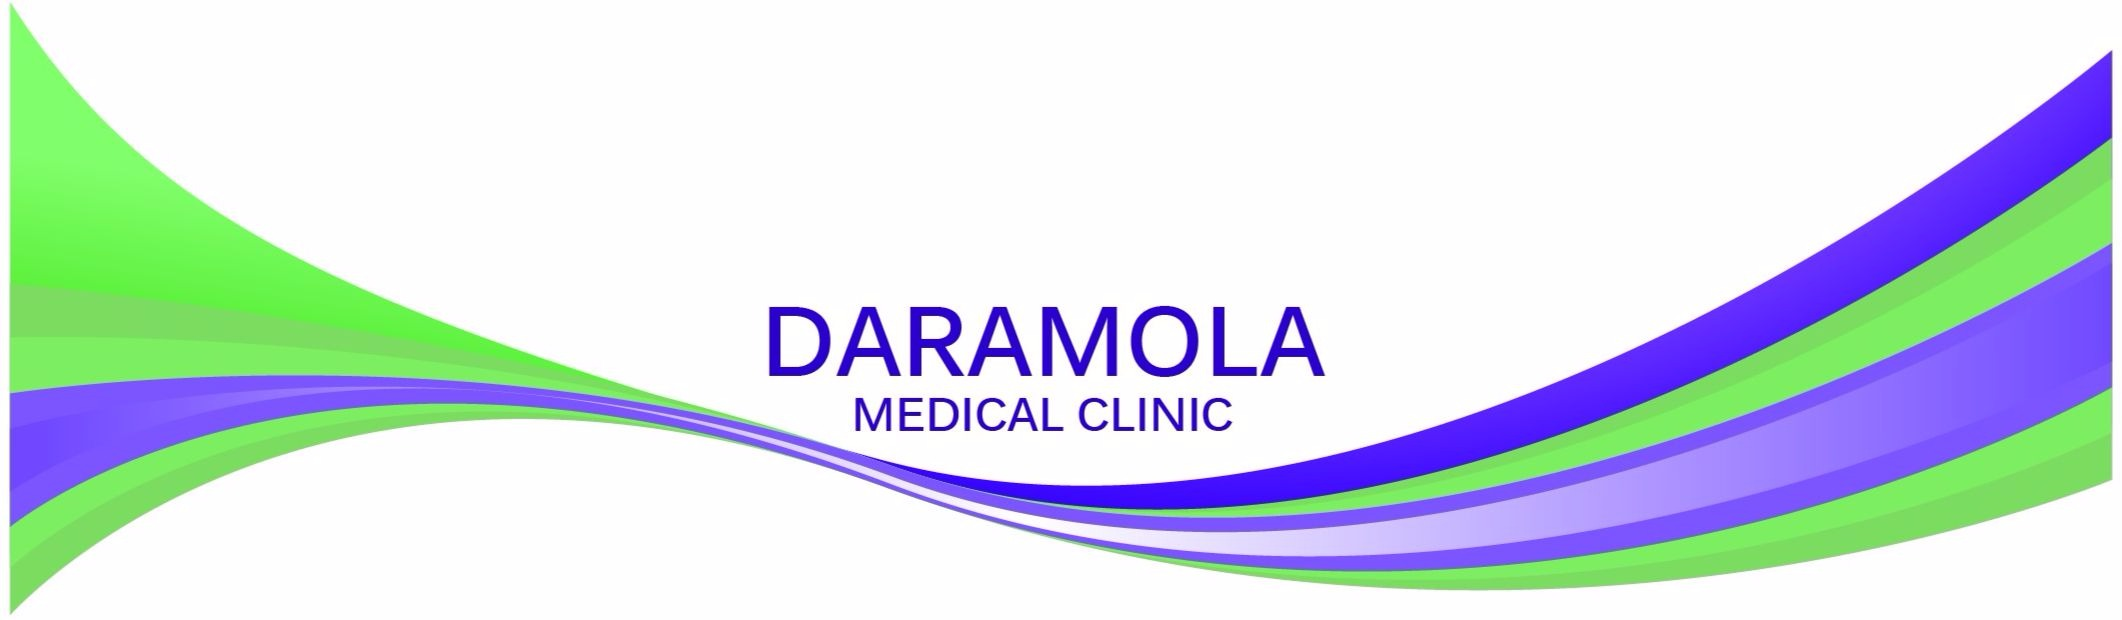 Dr. Darams